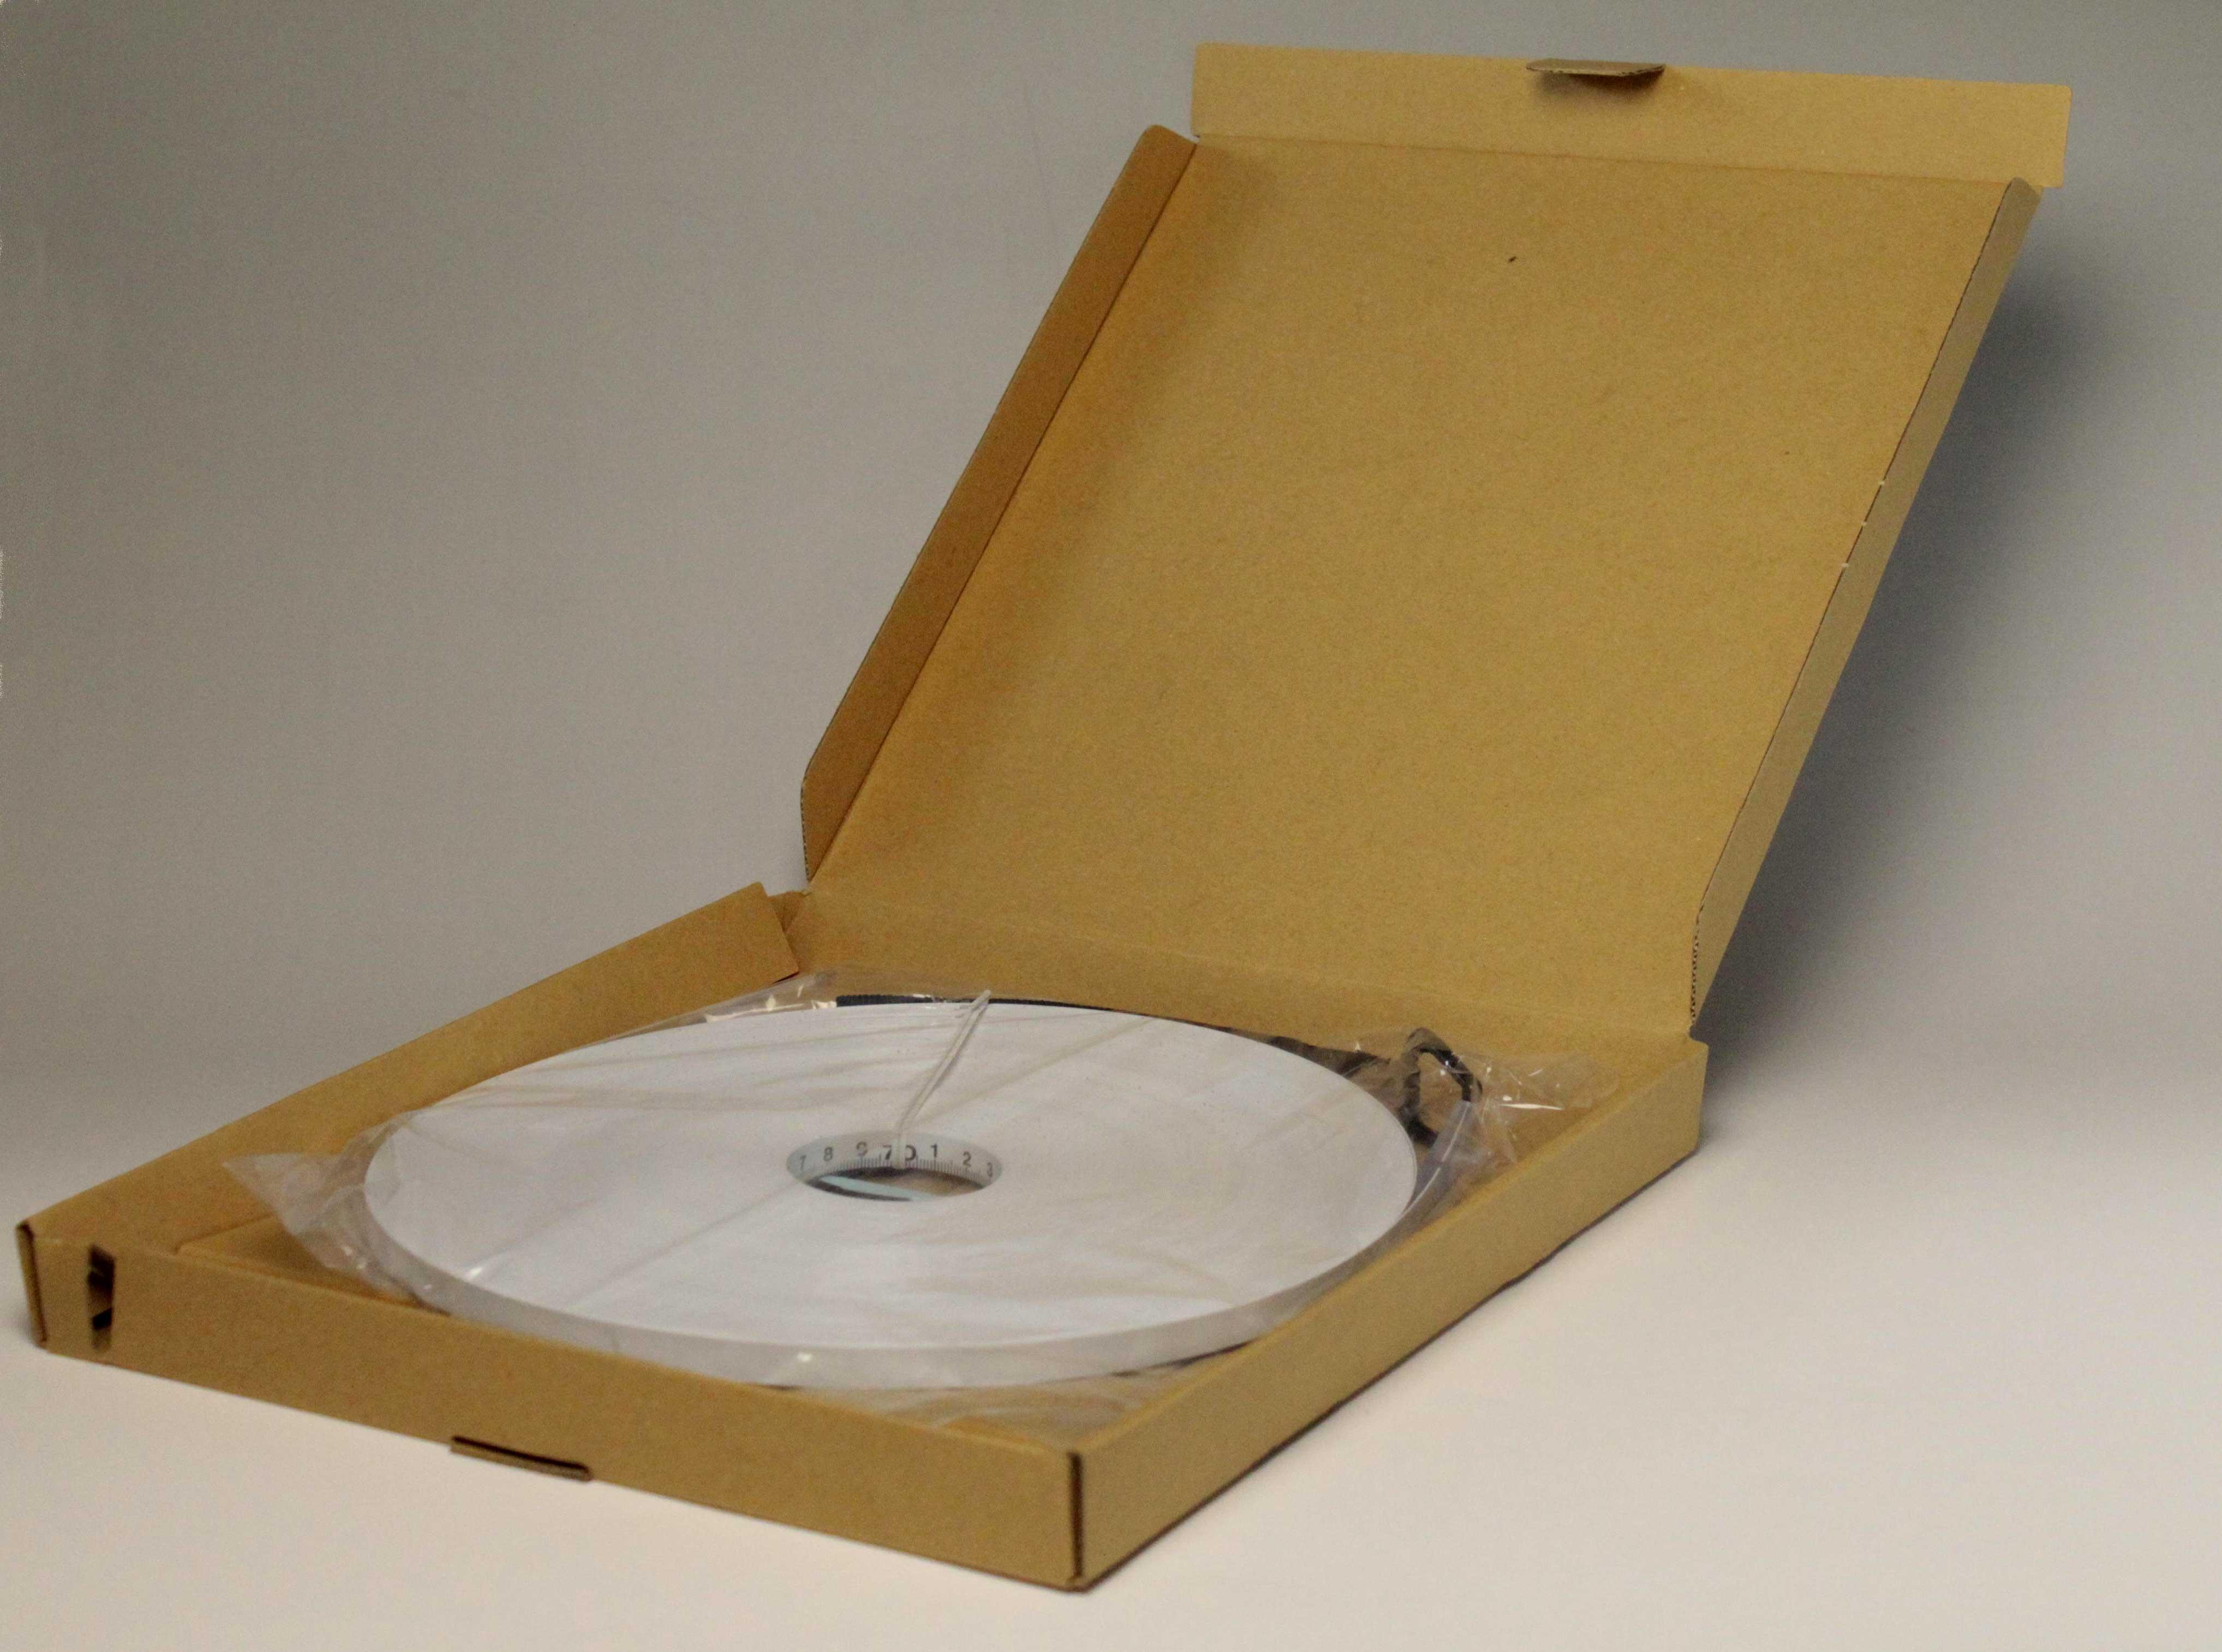 スチロン交換用テープ100m